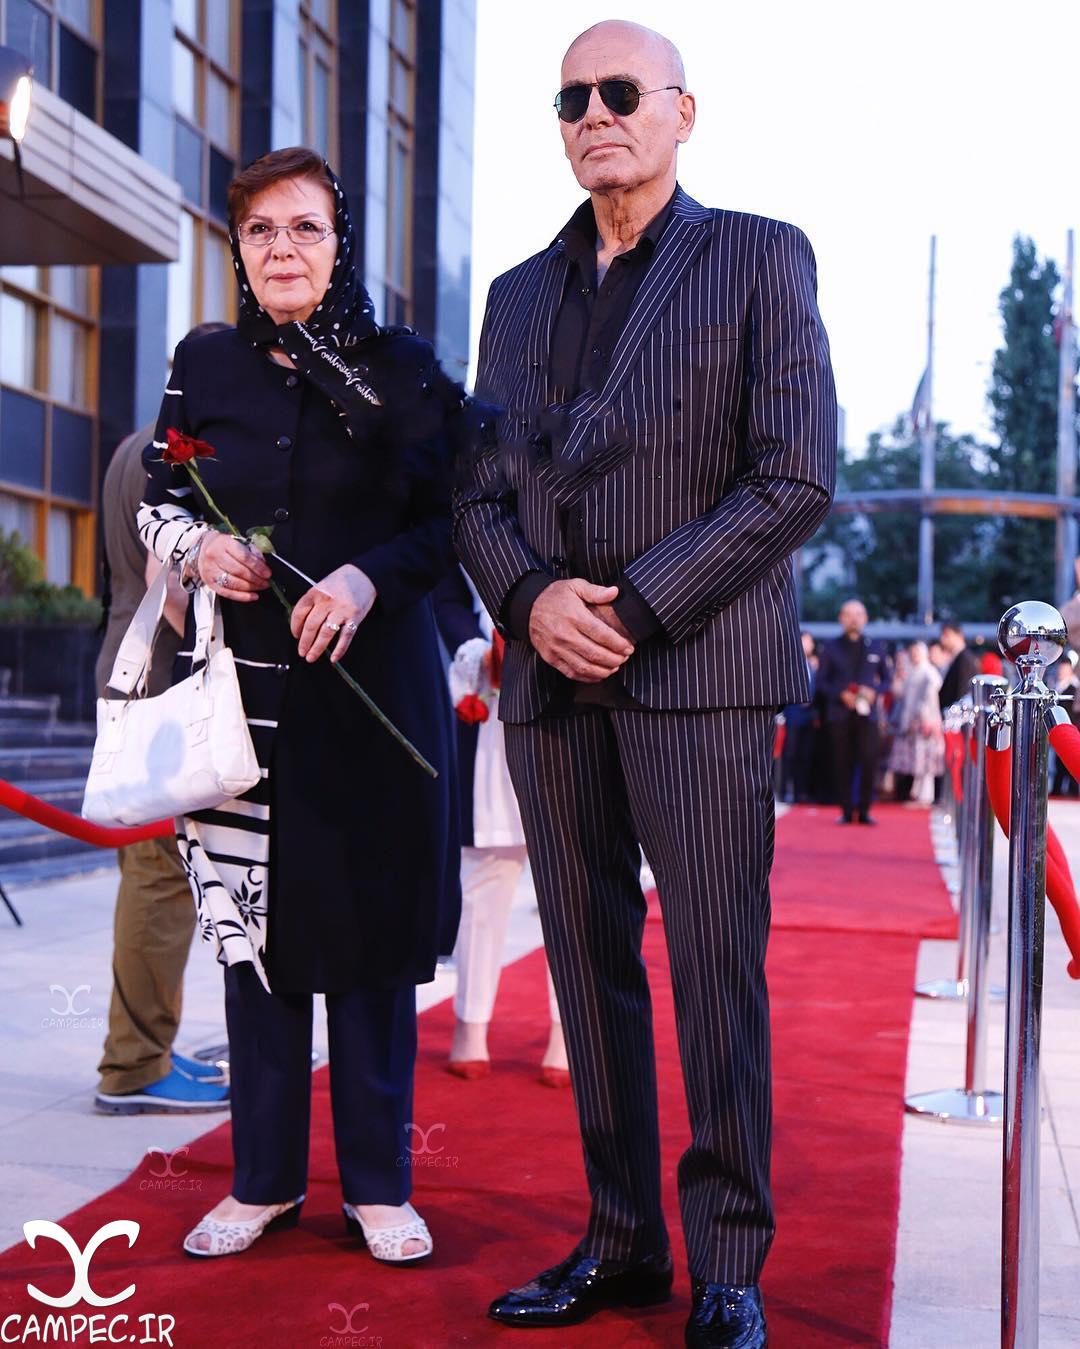 جمشید هاشم پور با همسرش در جشن حافظ